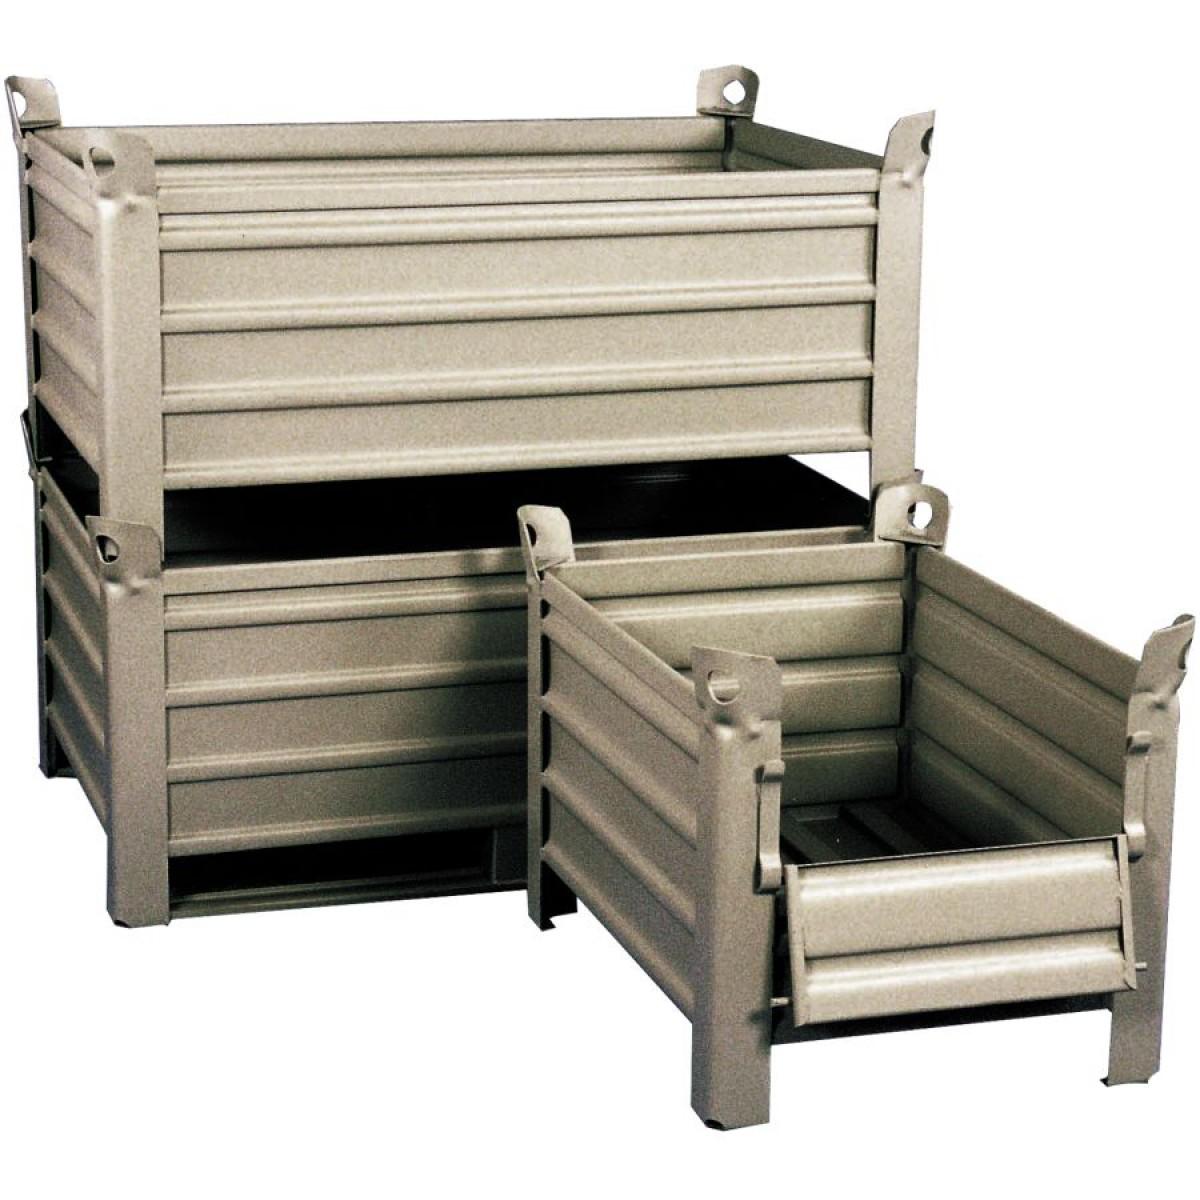 caisse palette m tallique sur patins 1235 x 835 x 600 mm hse center. Black Bedroom Furniture Sets. Home Design Ideas